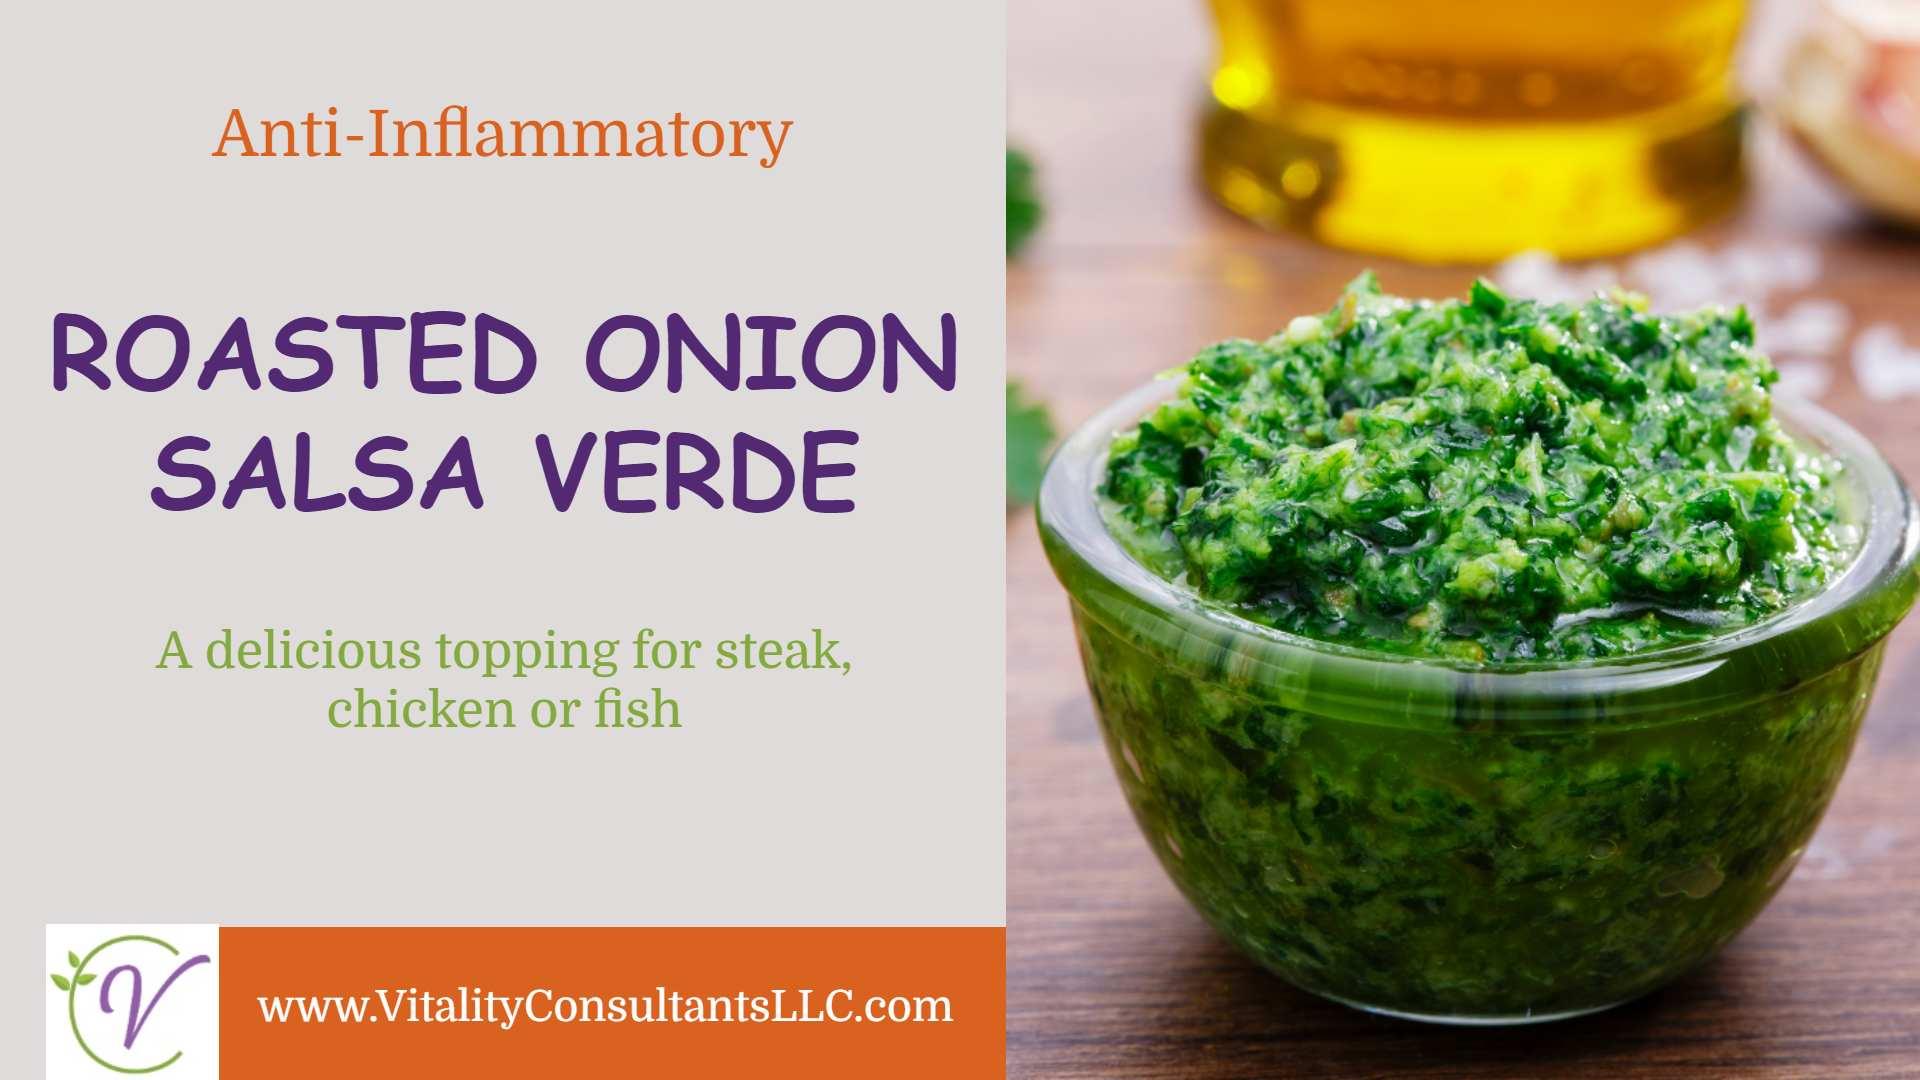 Roasted Onion Salsa Verde